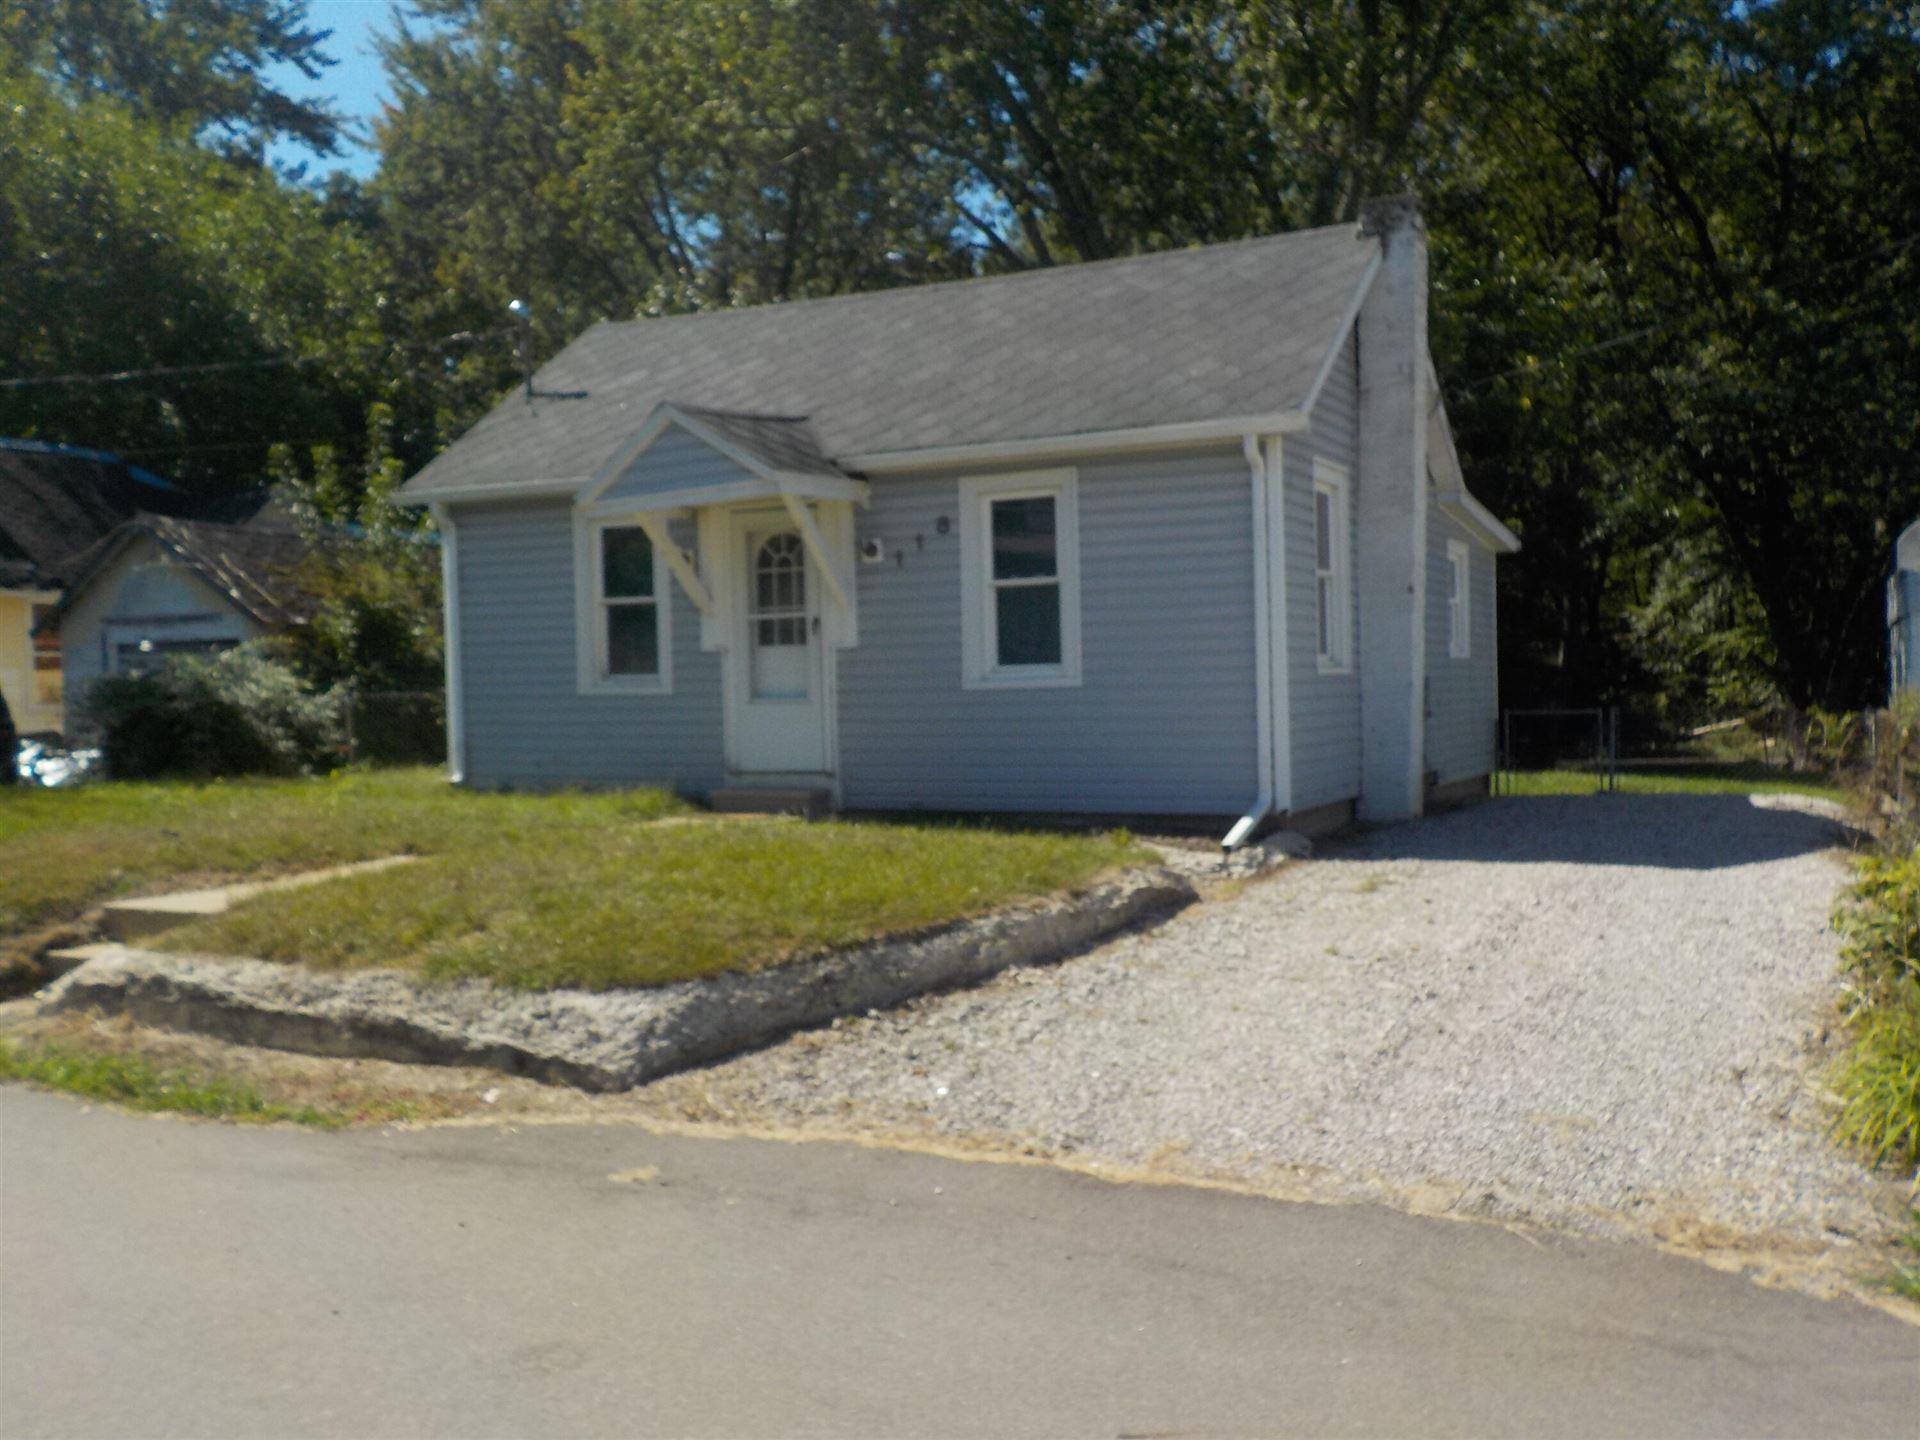 118 Ridge, Jackson, MI 49202 - MLS#: 21105607